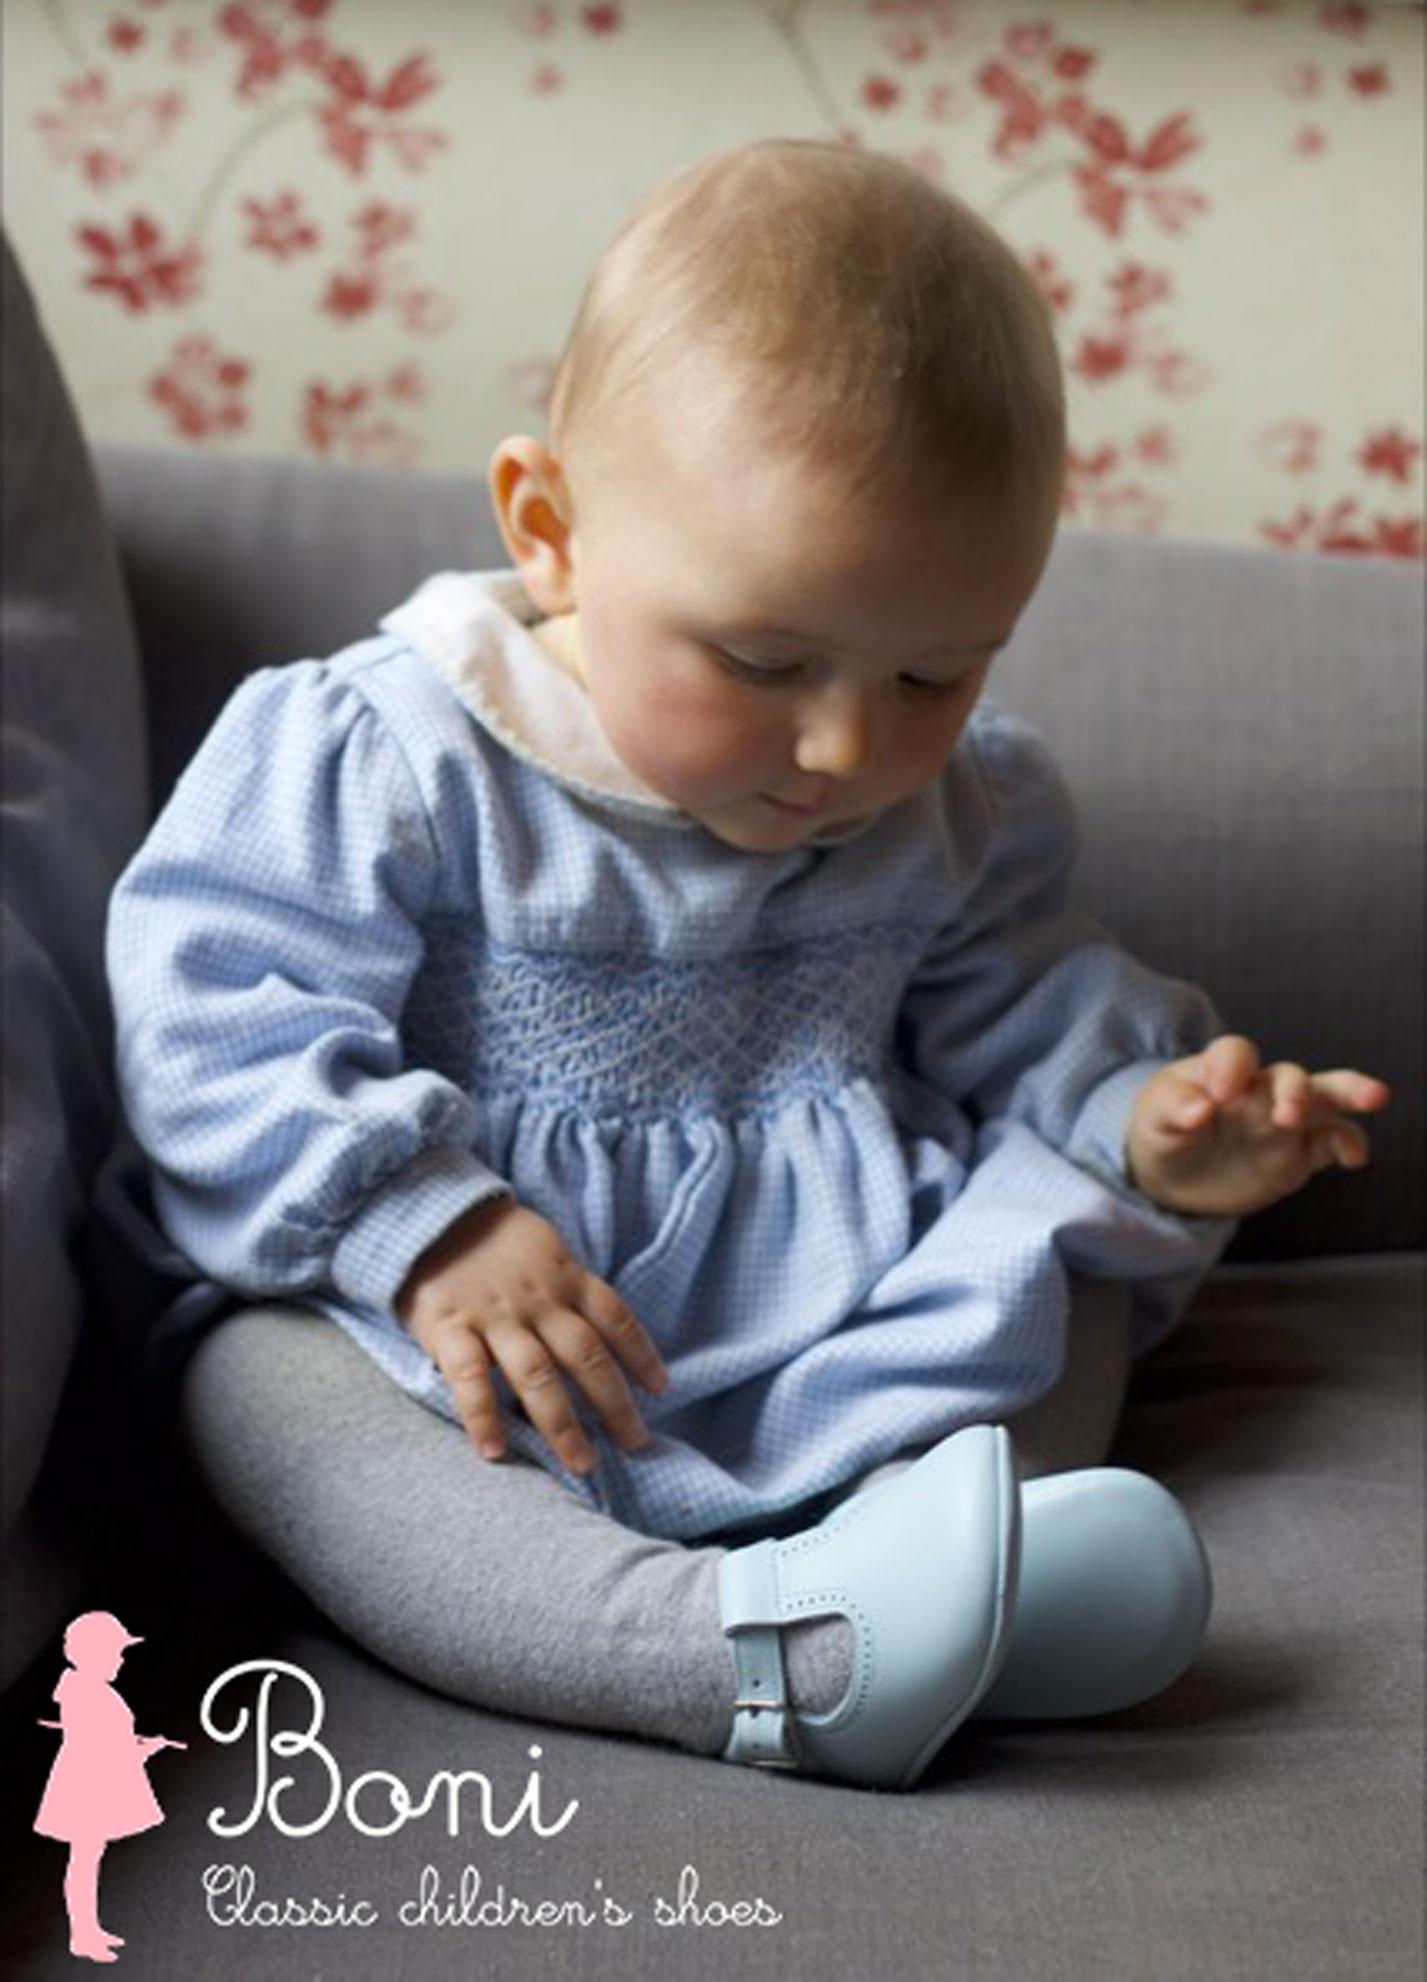 acheter pas cher coupe classique style moderne Comment bien chausser votre enfant et sa pointure enfant